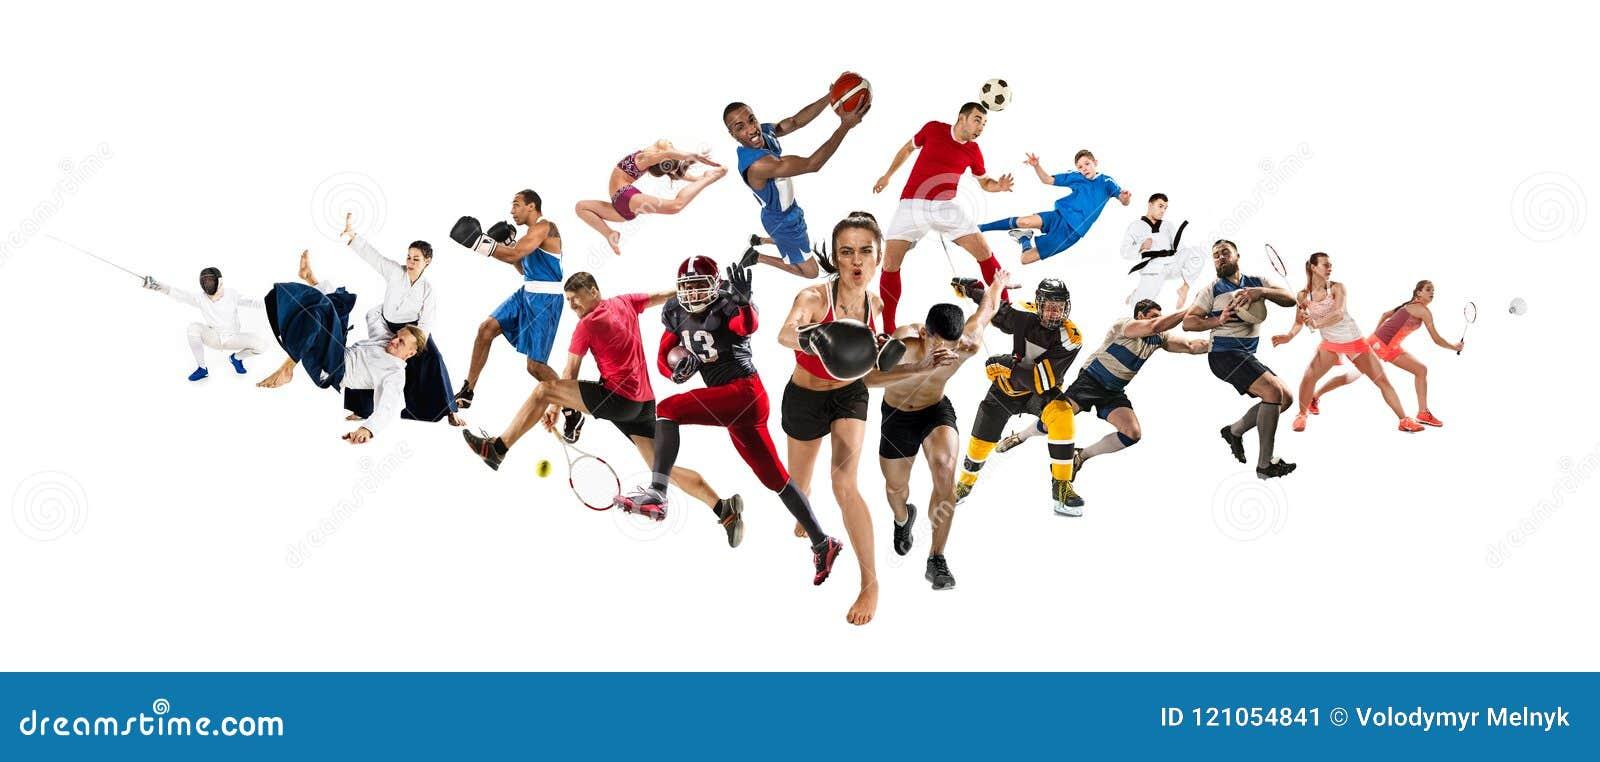 Metta in mostra il collage circa il kickboxing, il calcio, il football americano, la pallacanestro, il hockey su ghiaccio, il vol